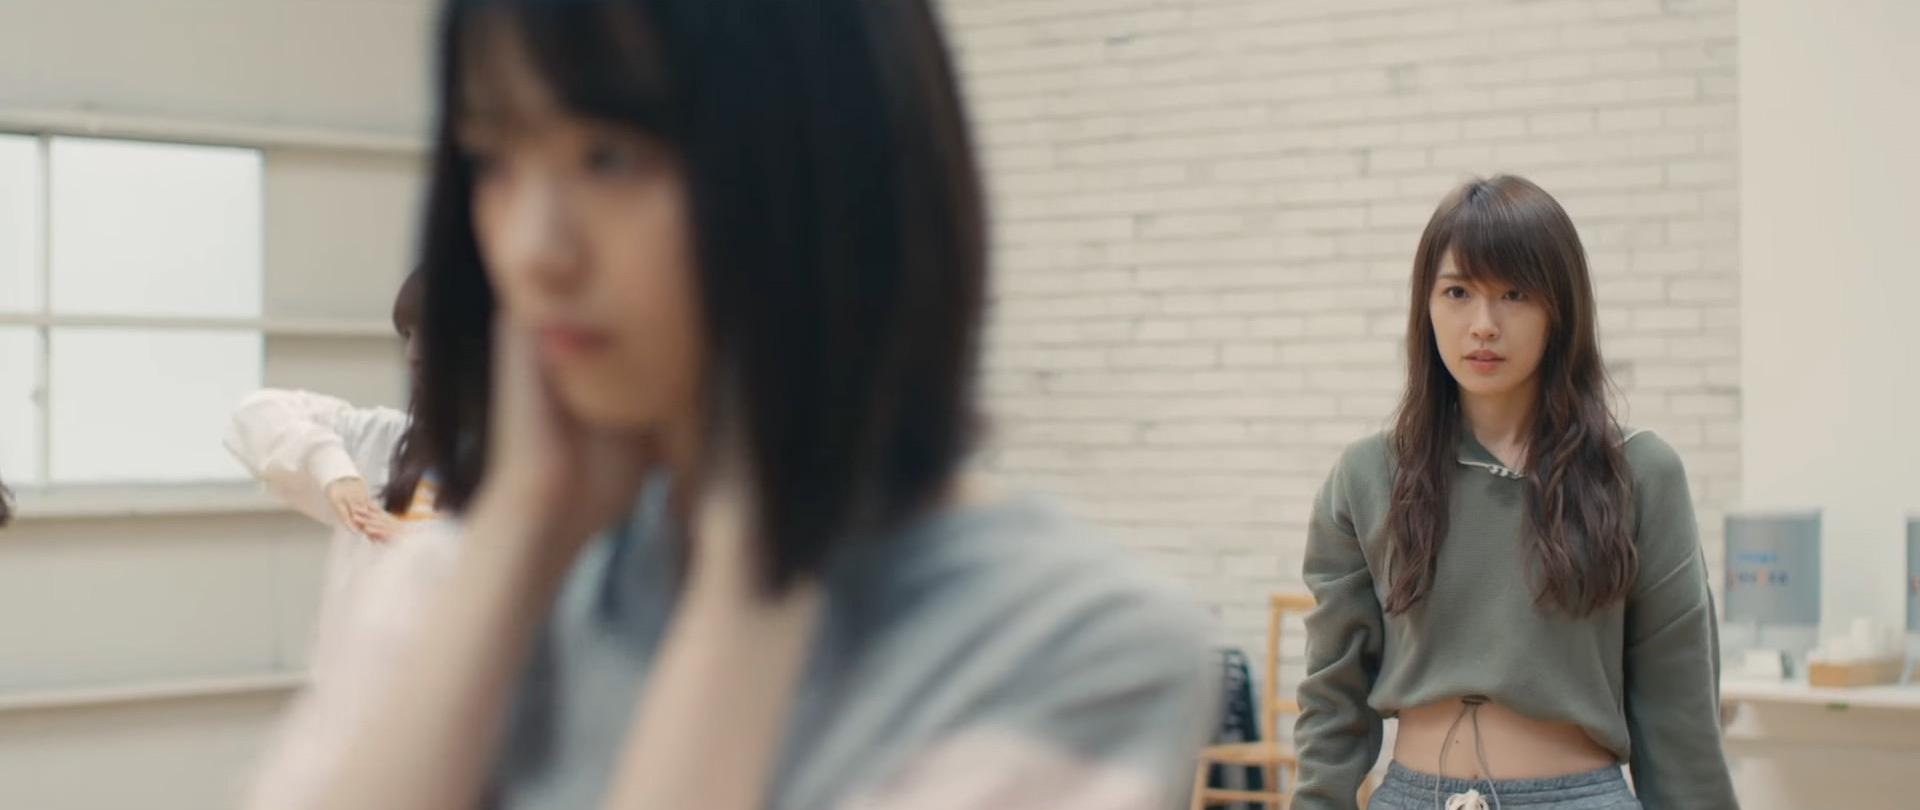 乃木坂46 22ndシングル「帰り道は遠回りしたくなる」MV かずみん